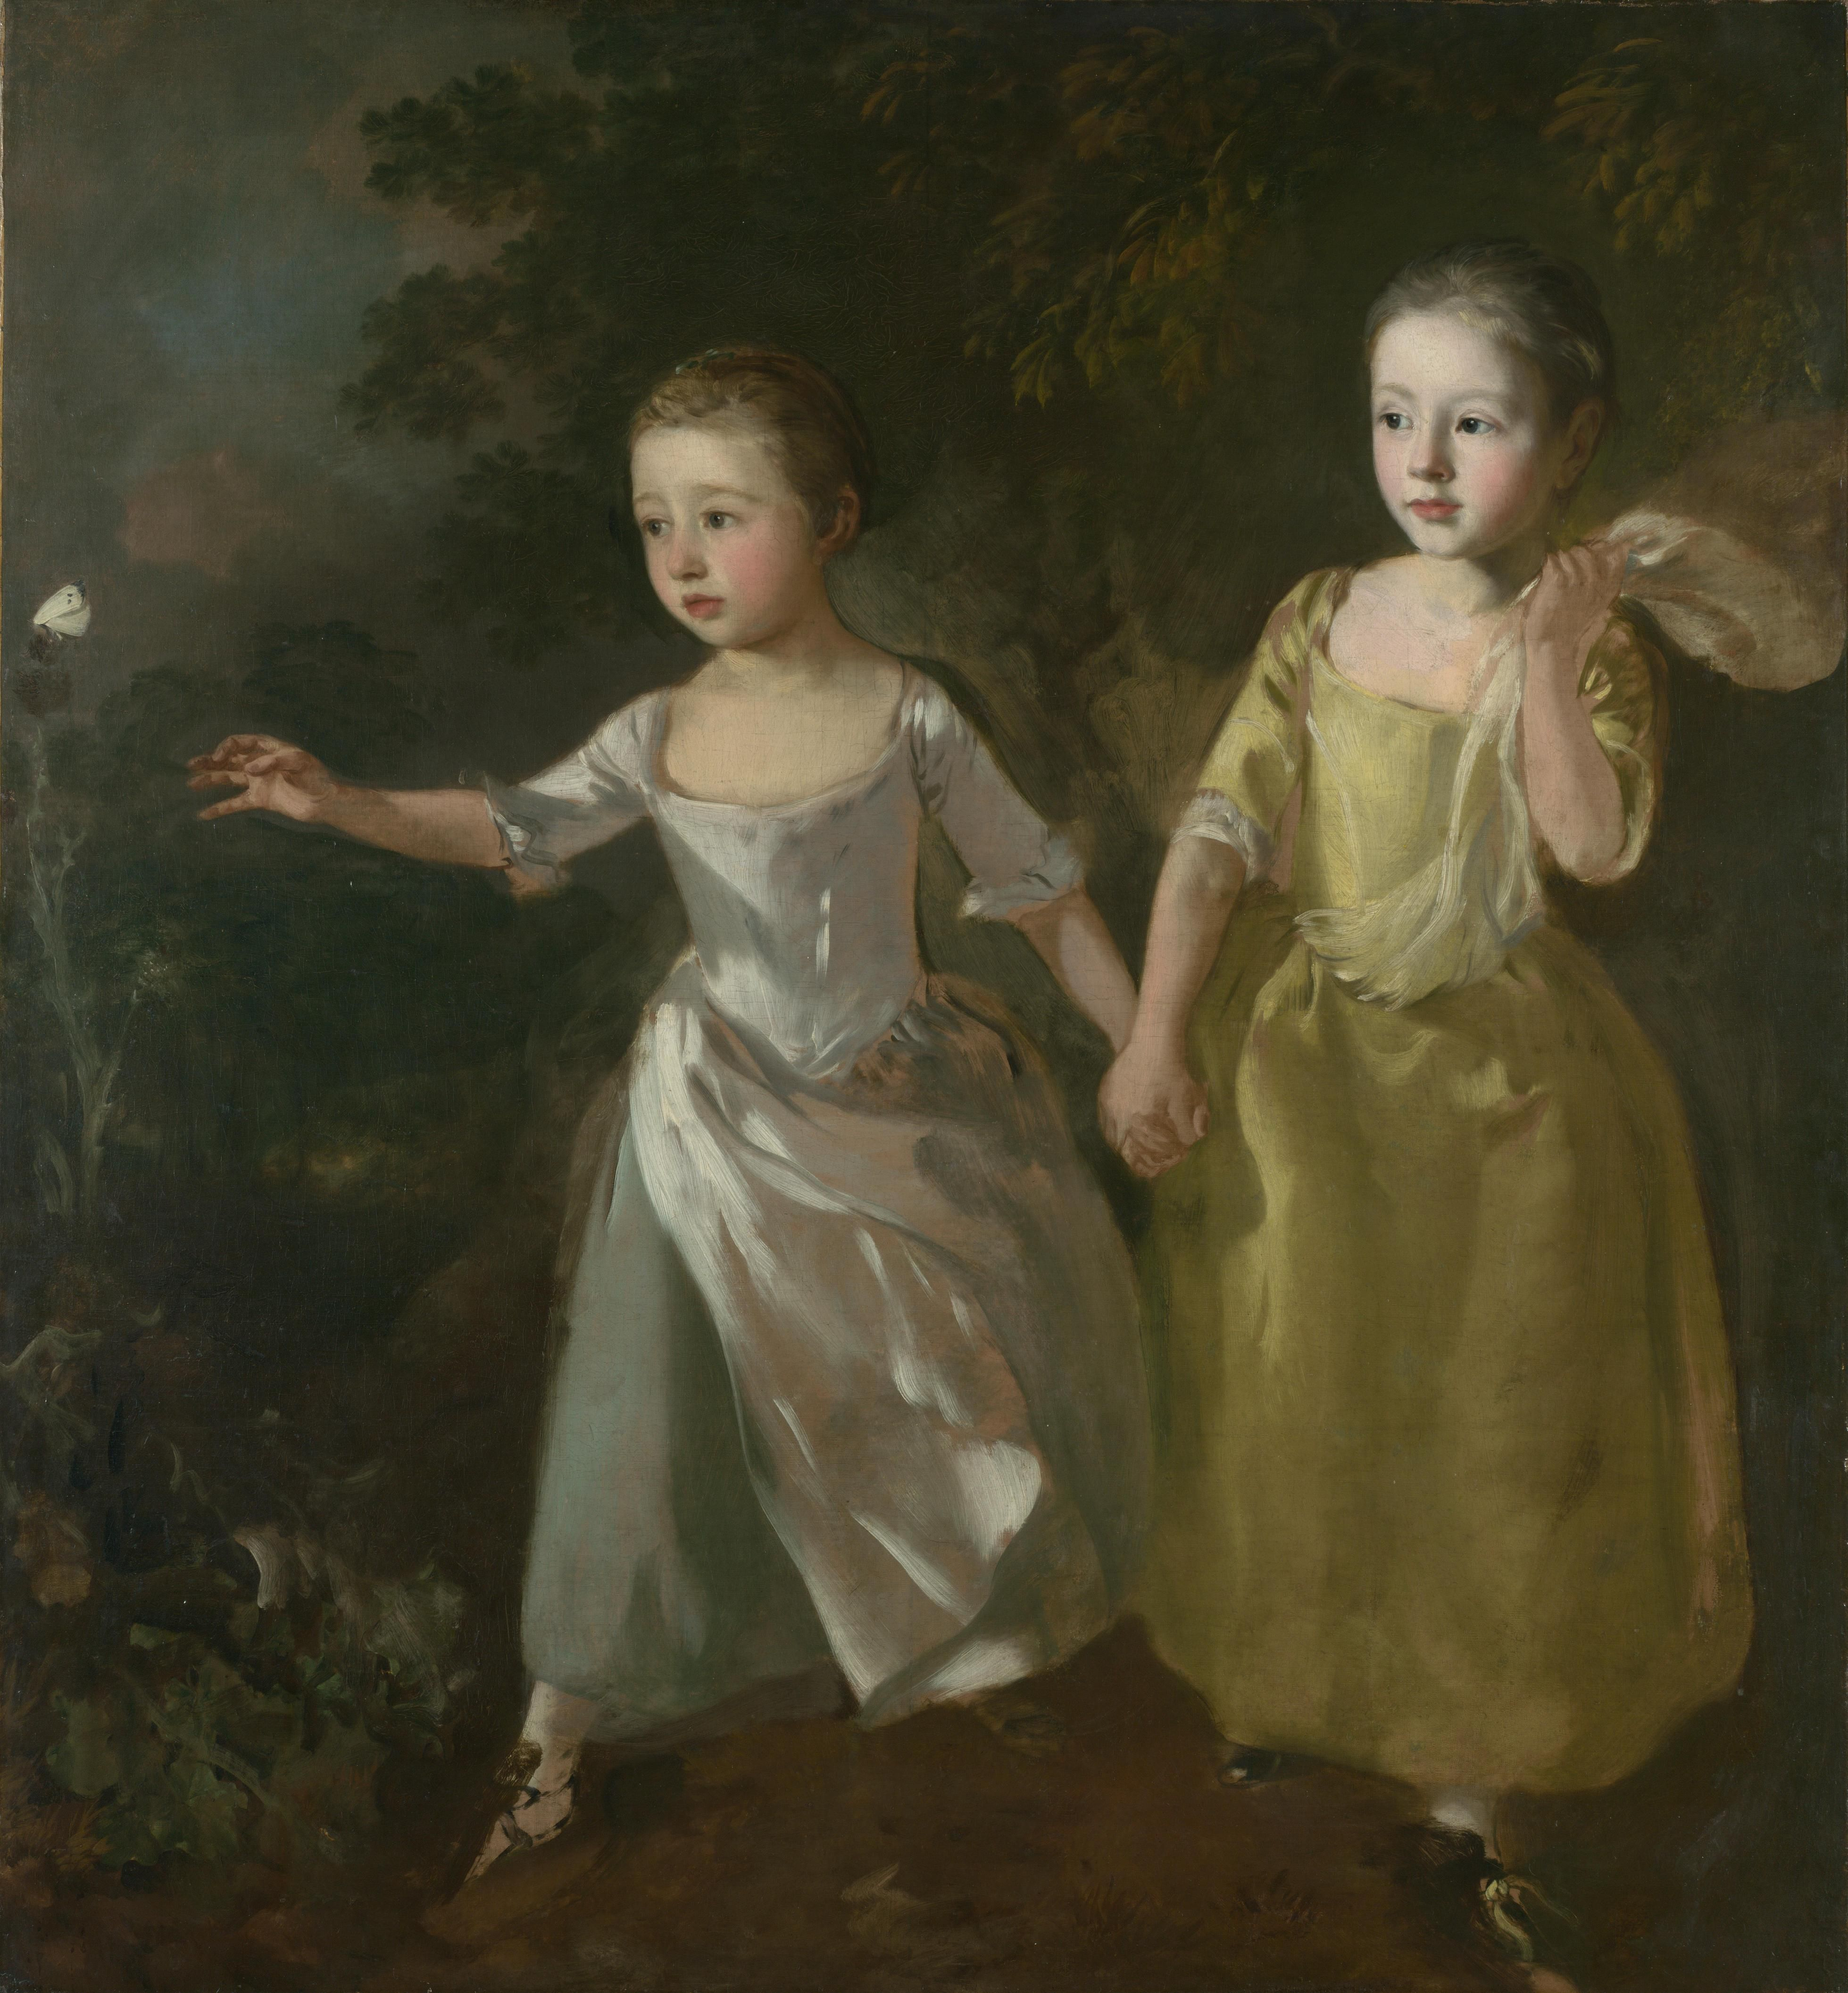 GAINSBOROUGH, Las hijas del pintor persiguiendo una mariposa, 1756, National Gallery